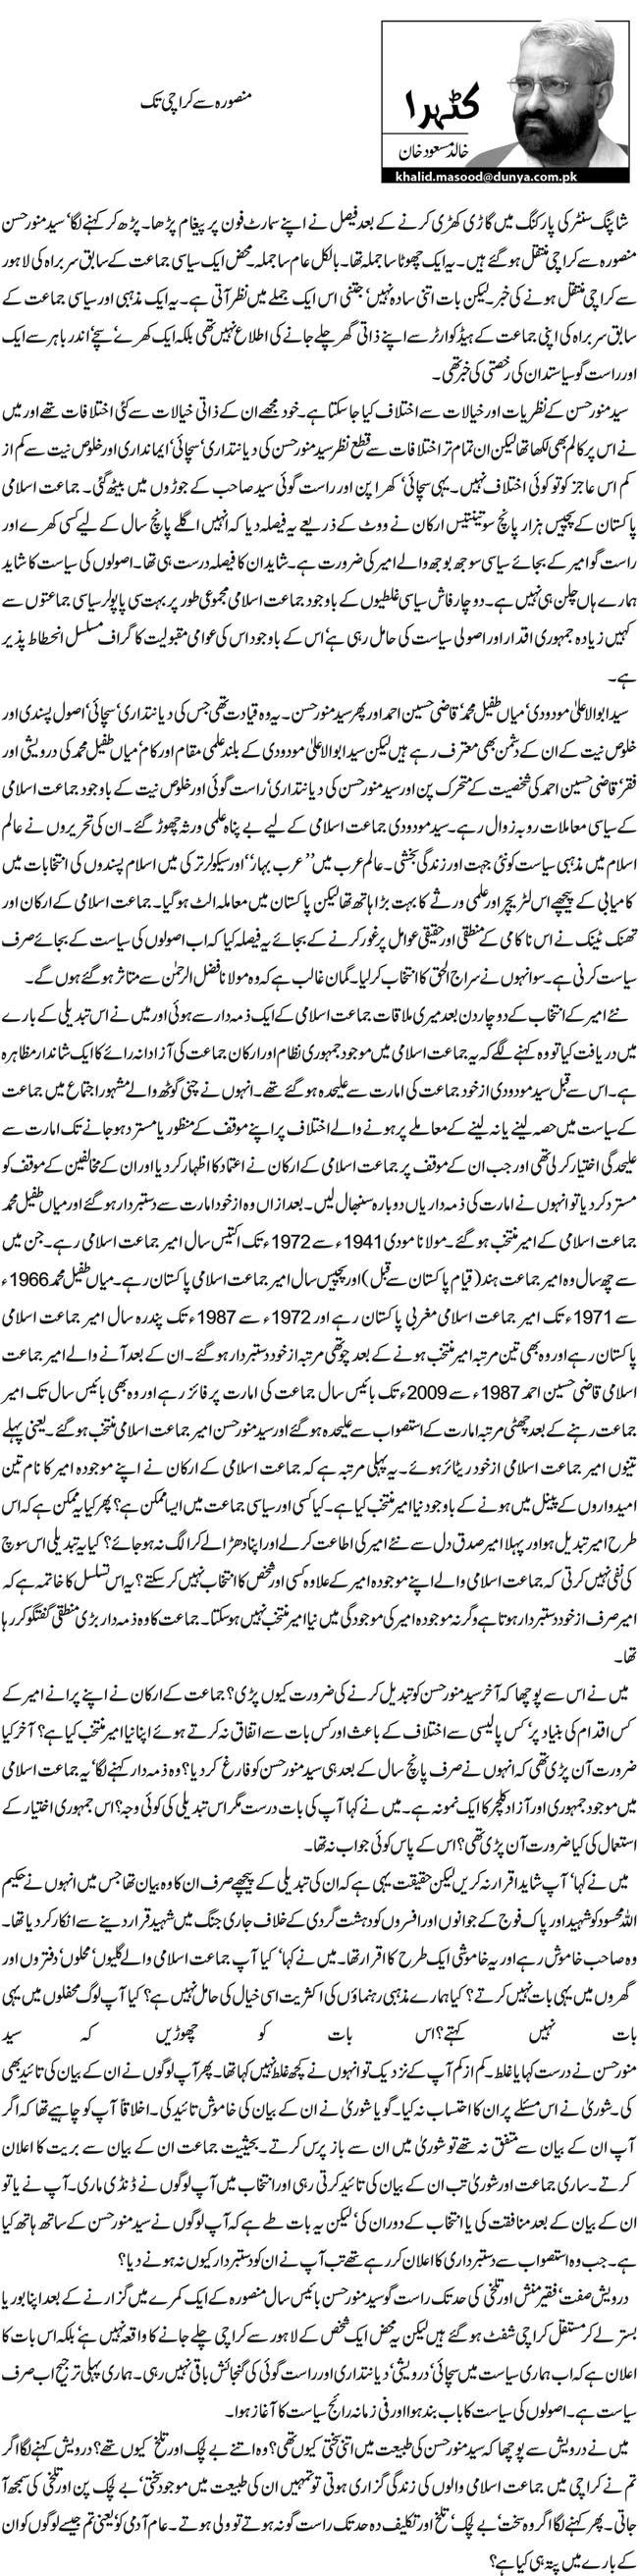 منصورہ سے کراچی تک